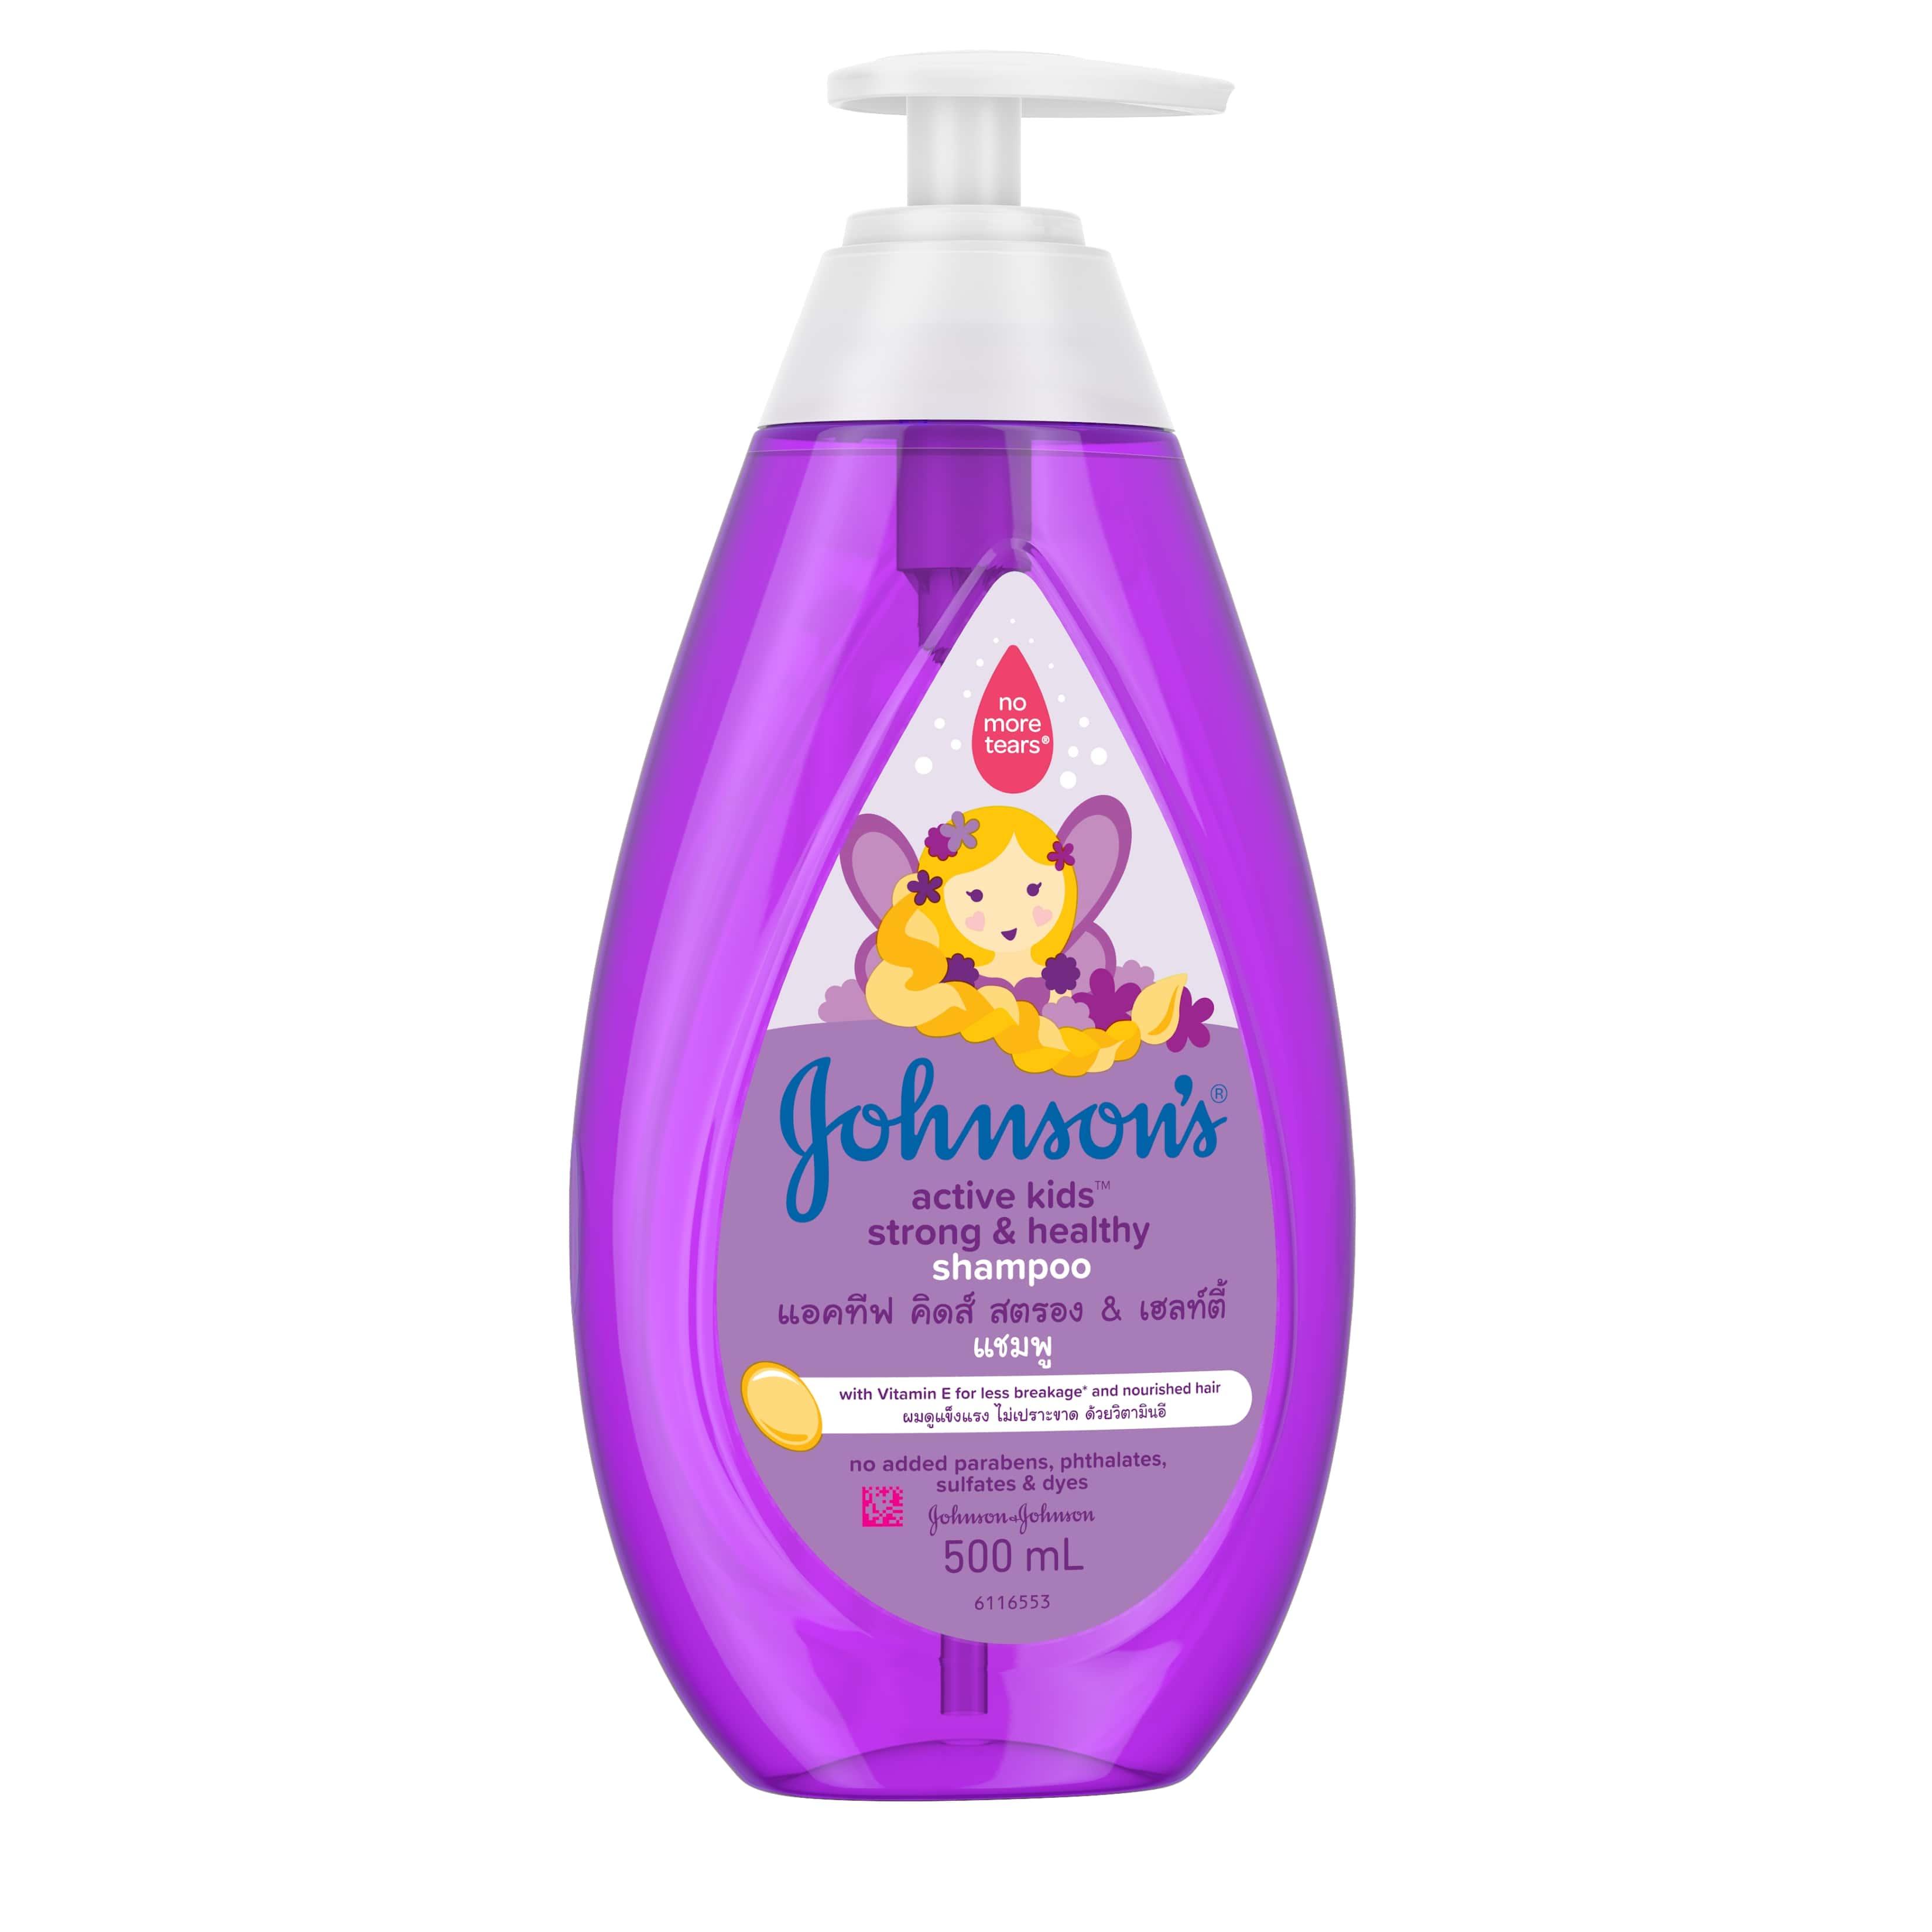 JOHNSON'S® baby strong & healthy shampoo | JOHNSON'S® Baby